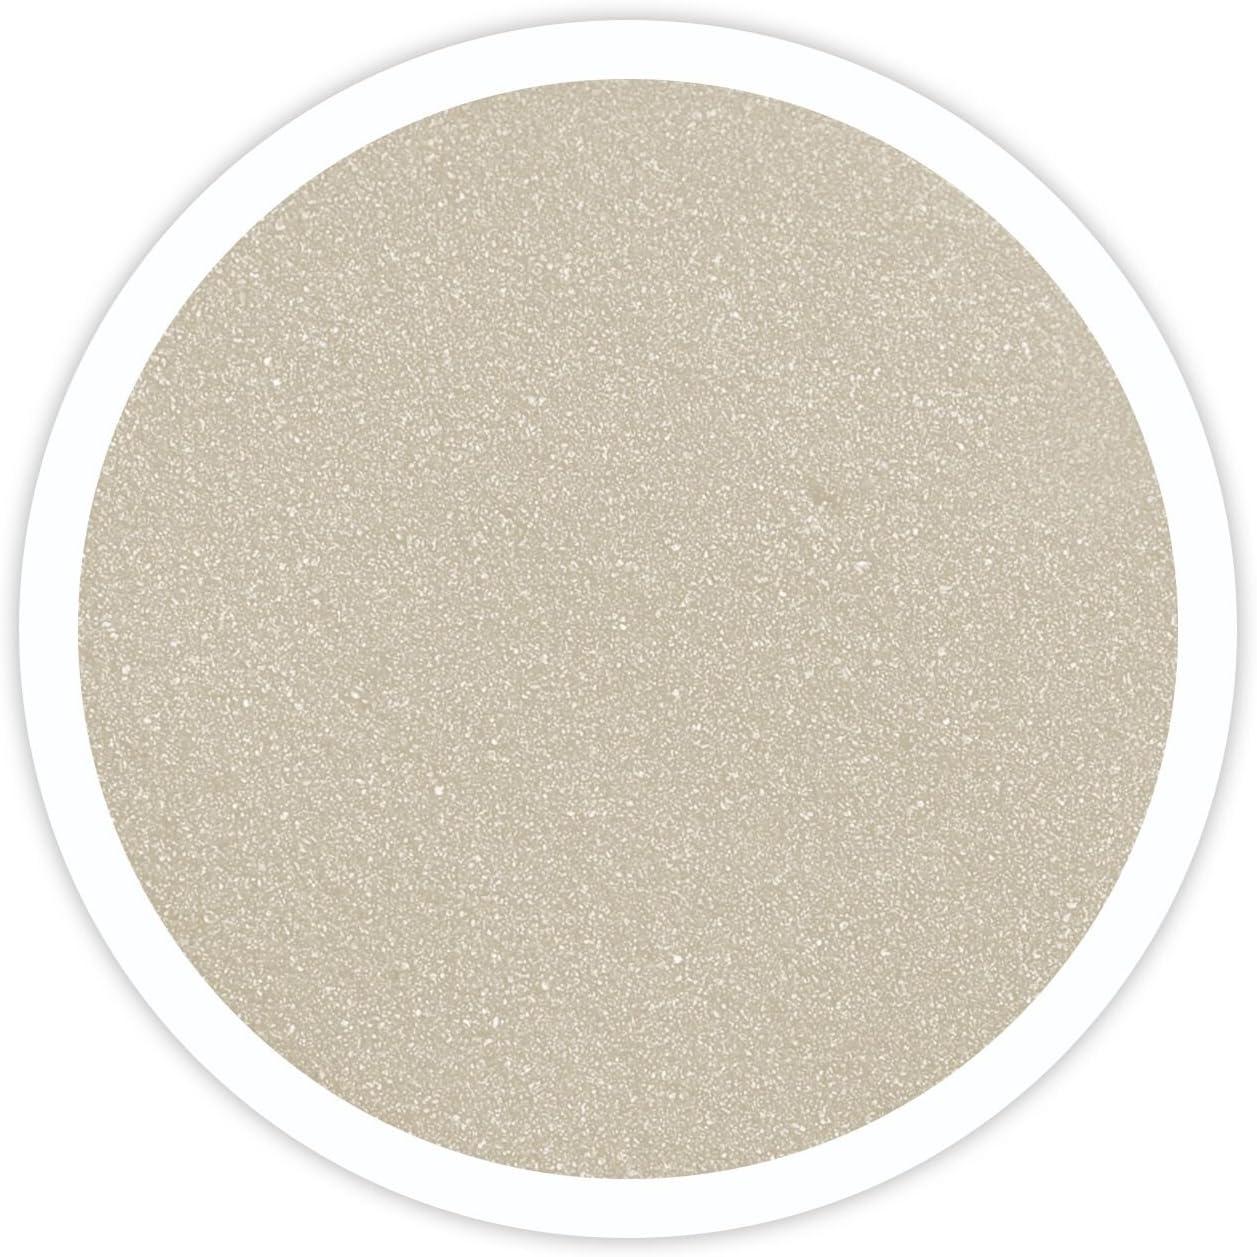 Sandsational Champagne Unity Sand~ 1.5 lbs 22oz Beige Colored Sand for Weddings Home D/écor Vase Filler Craft Sand